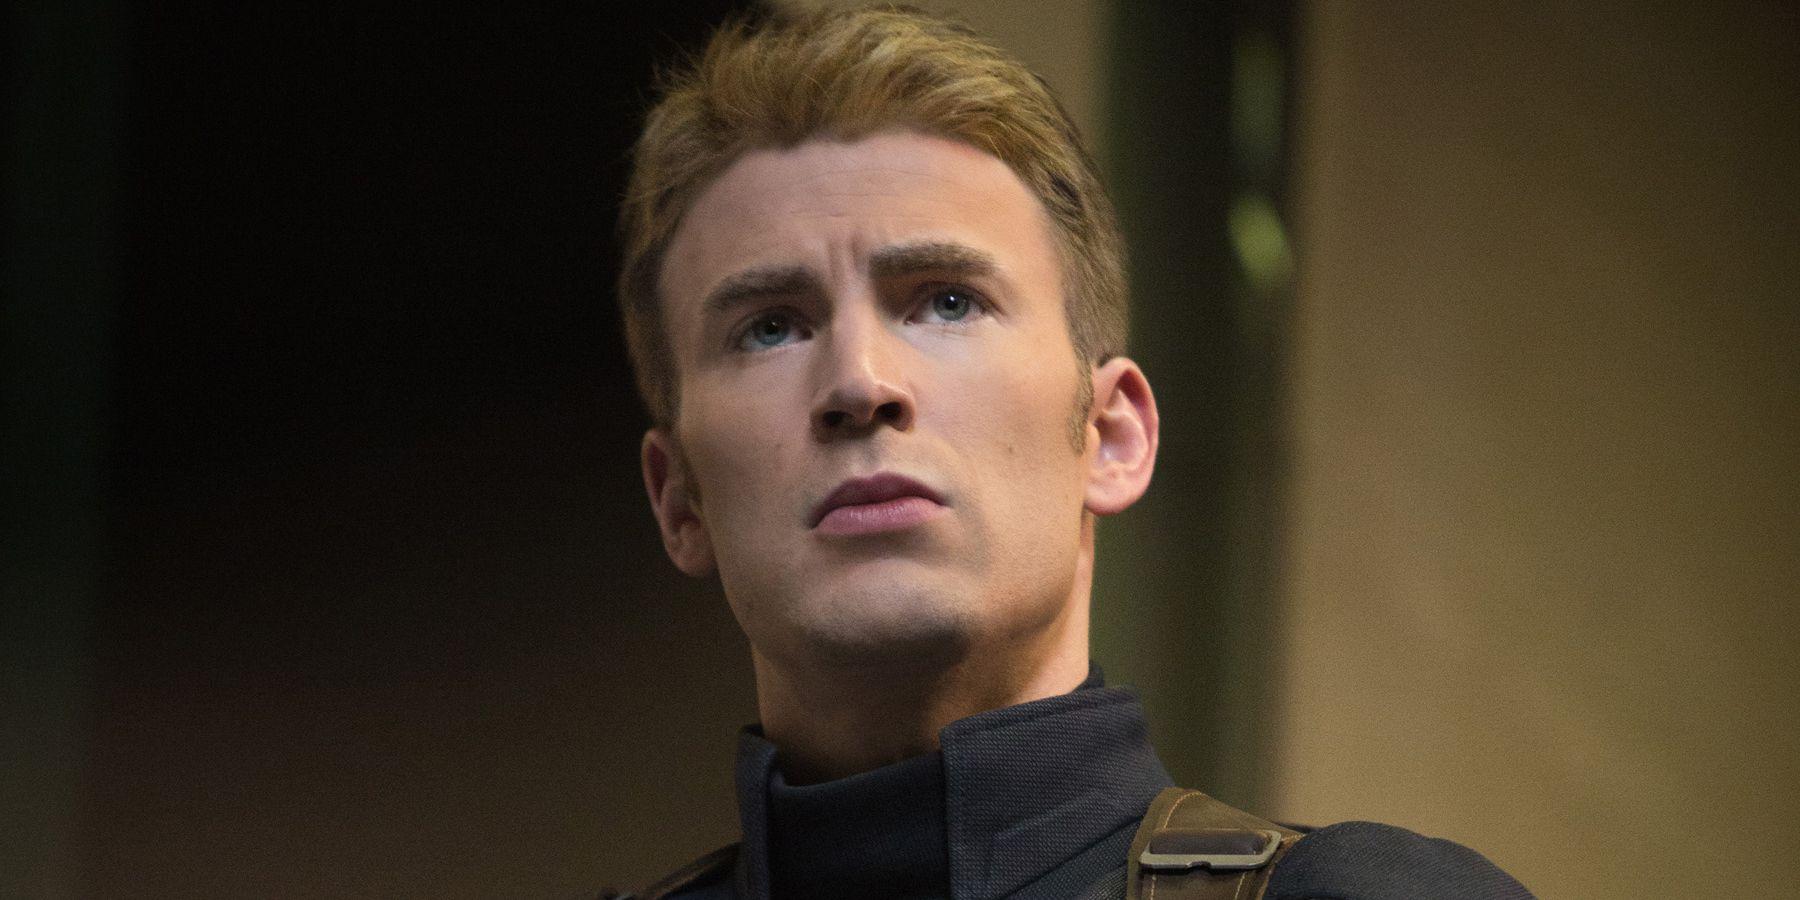 Steve Rogers ya no es Capitán América luego de Civil War